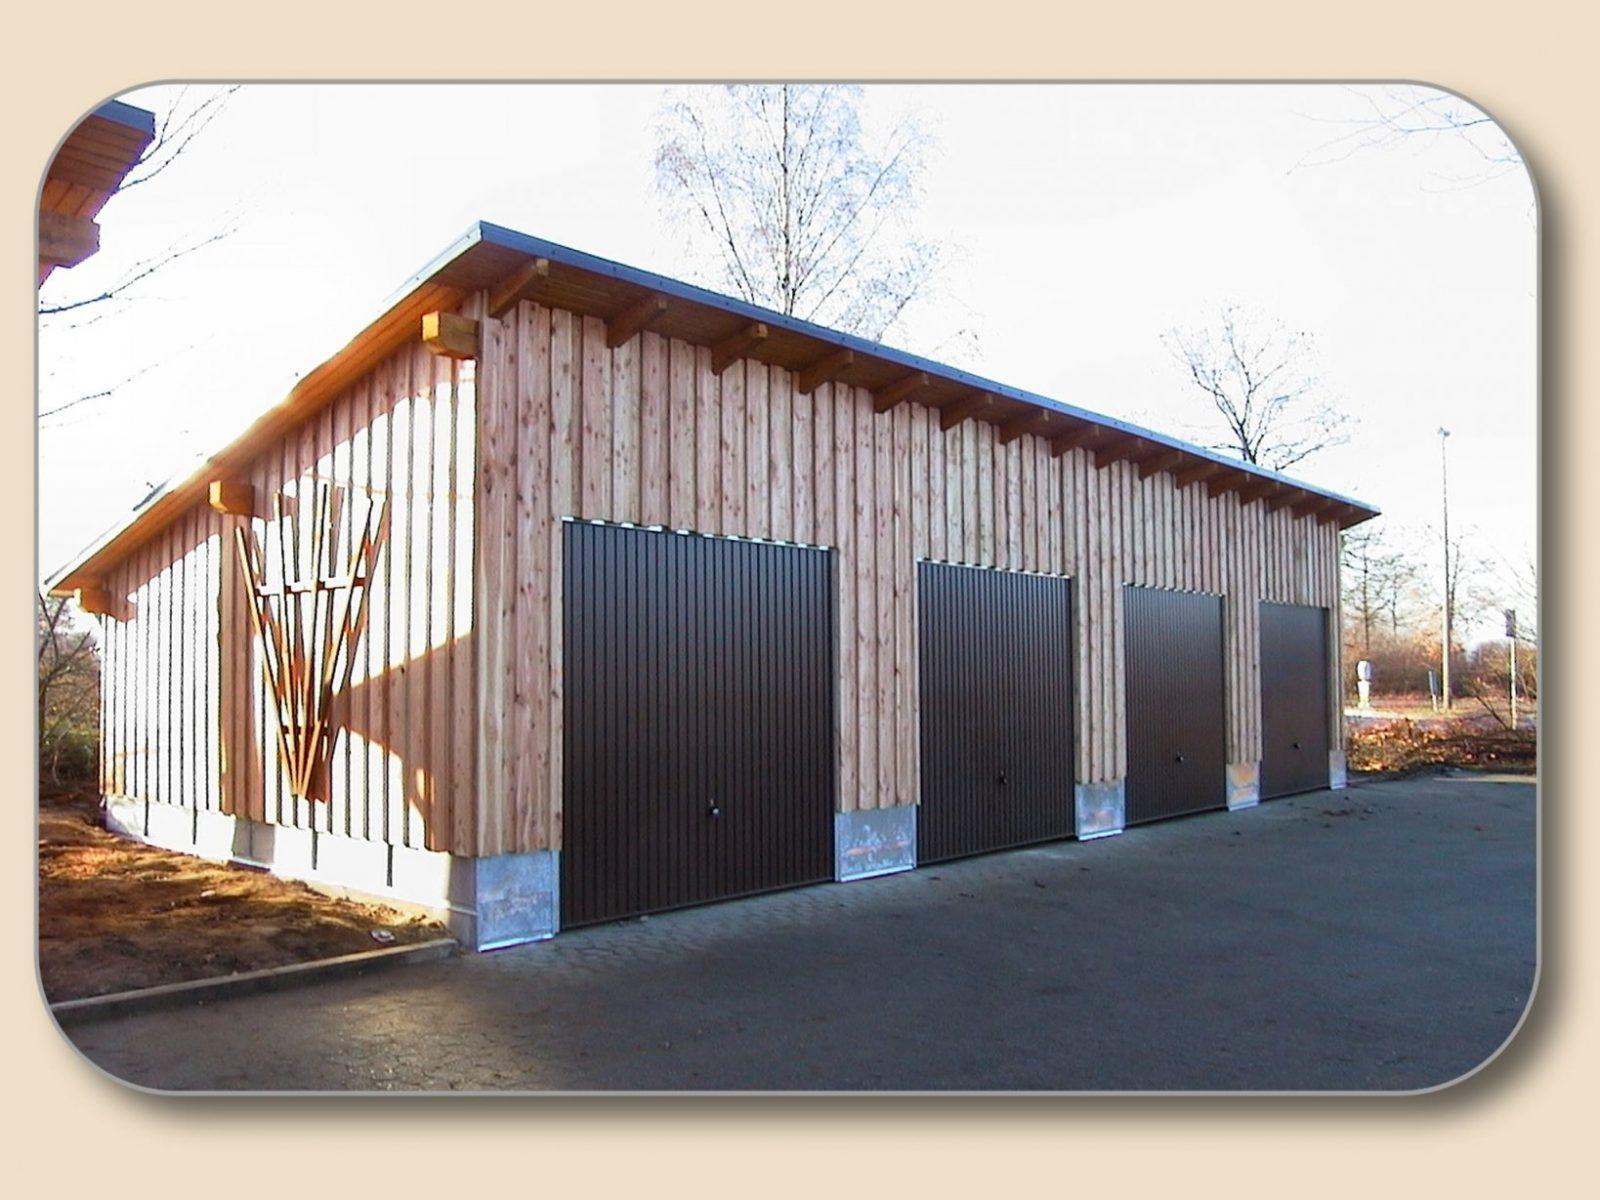 Carport Pultdach Selber Bauen Von Holzon von Pultdach Garage Selber Bauen Bild